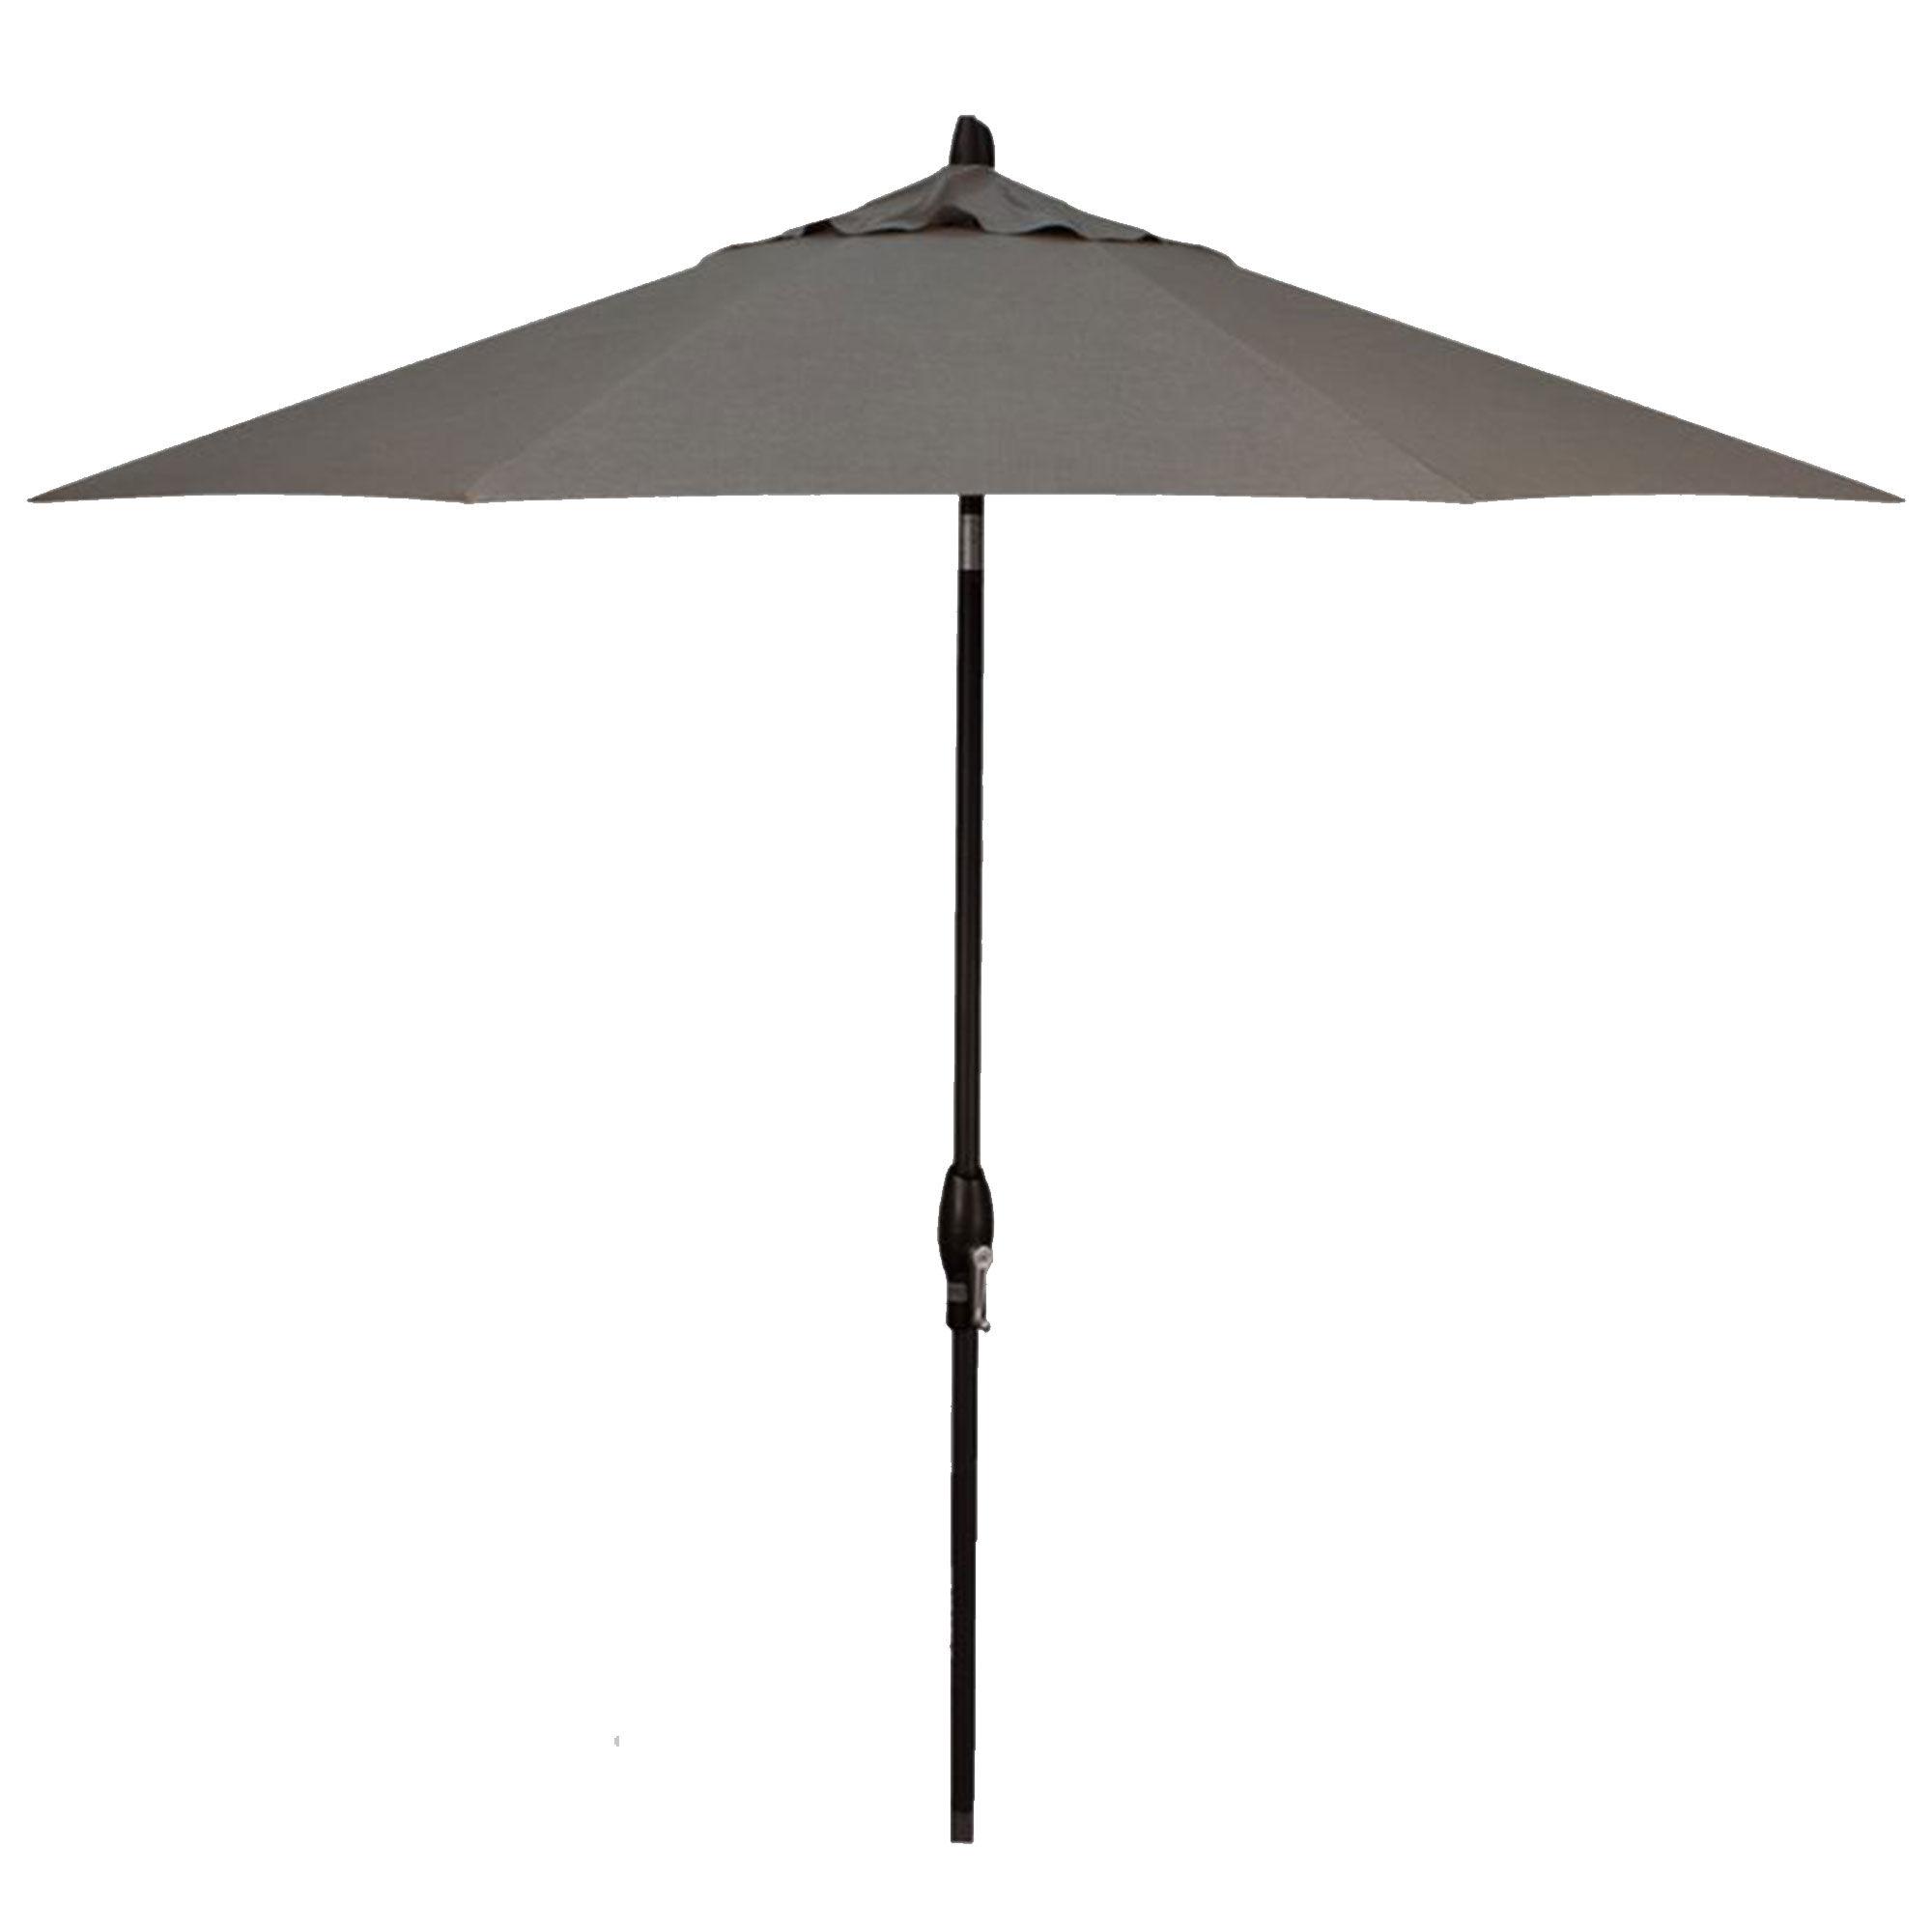 Treasure Garden 9' Auto Tilt Cast Slate Octagon Umbrella  - Black/Cast Slate - Size: One Size